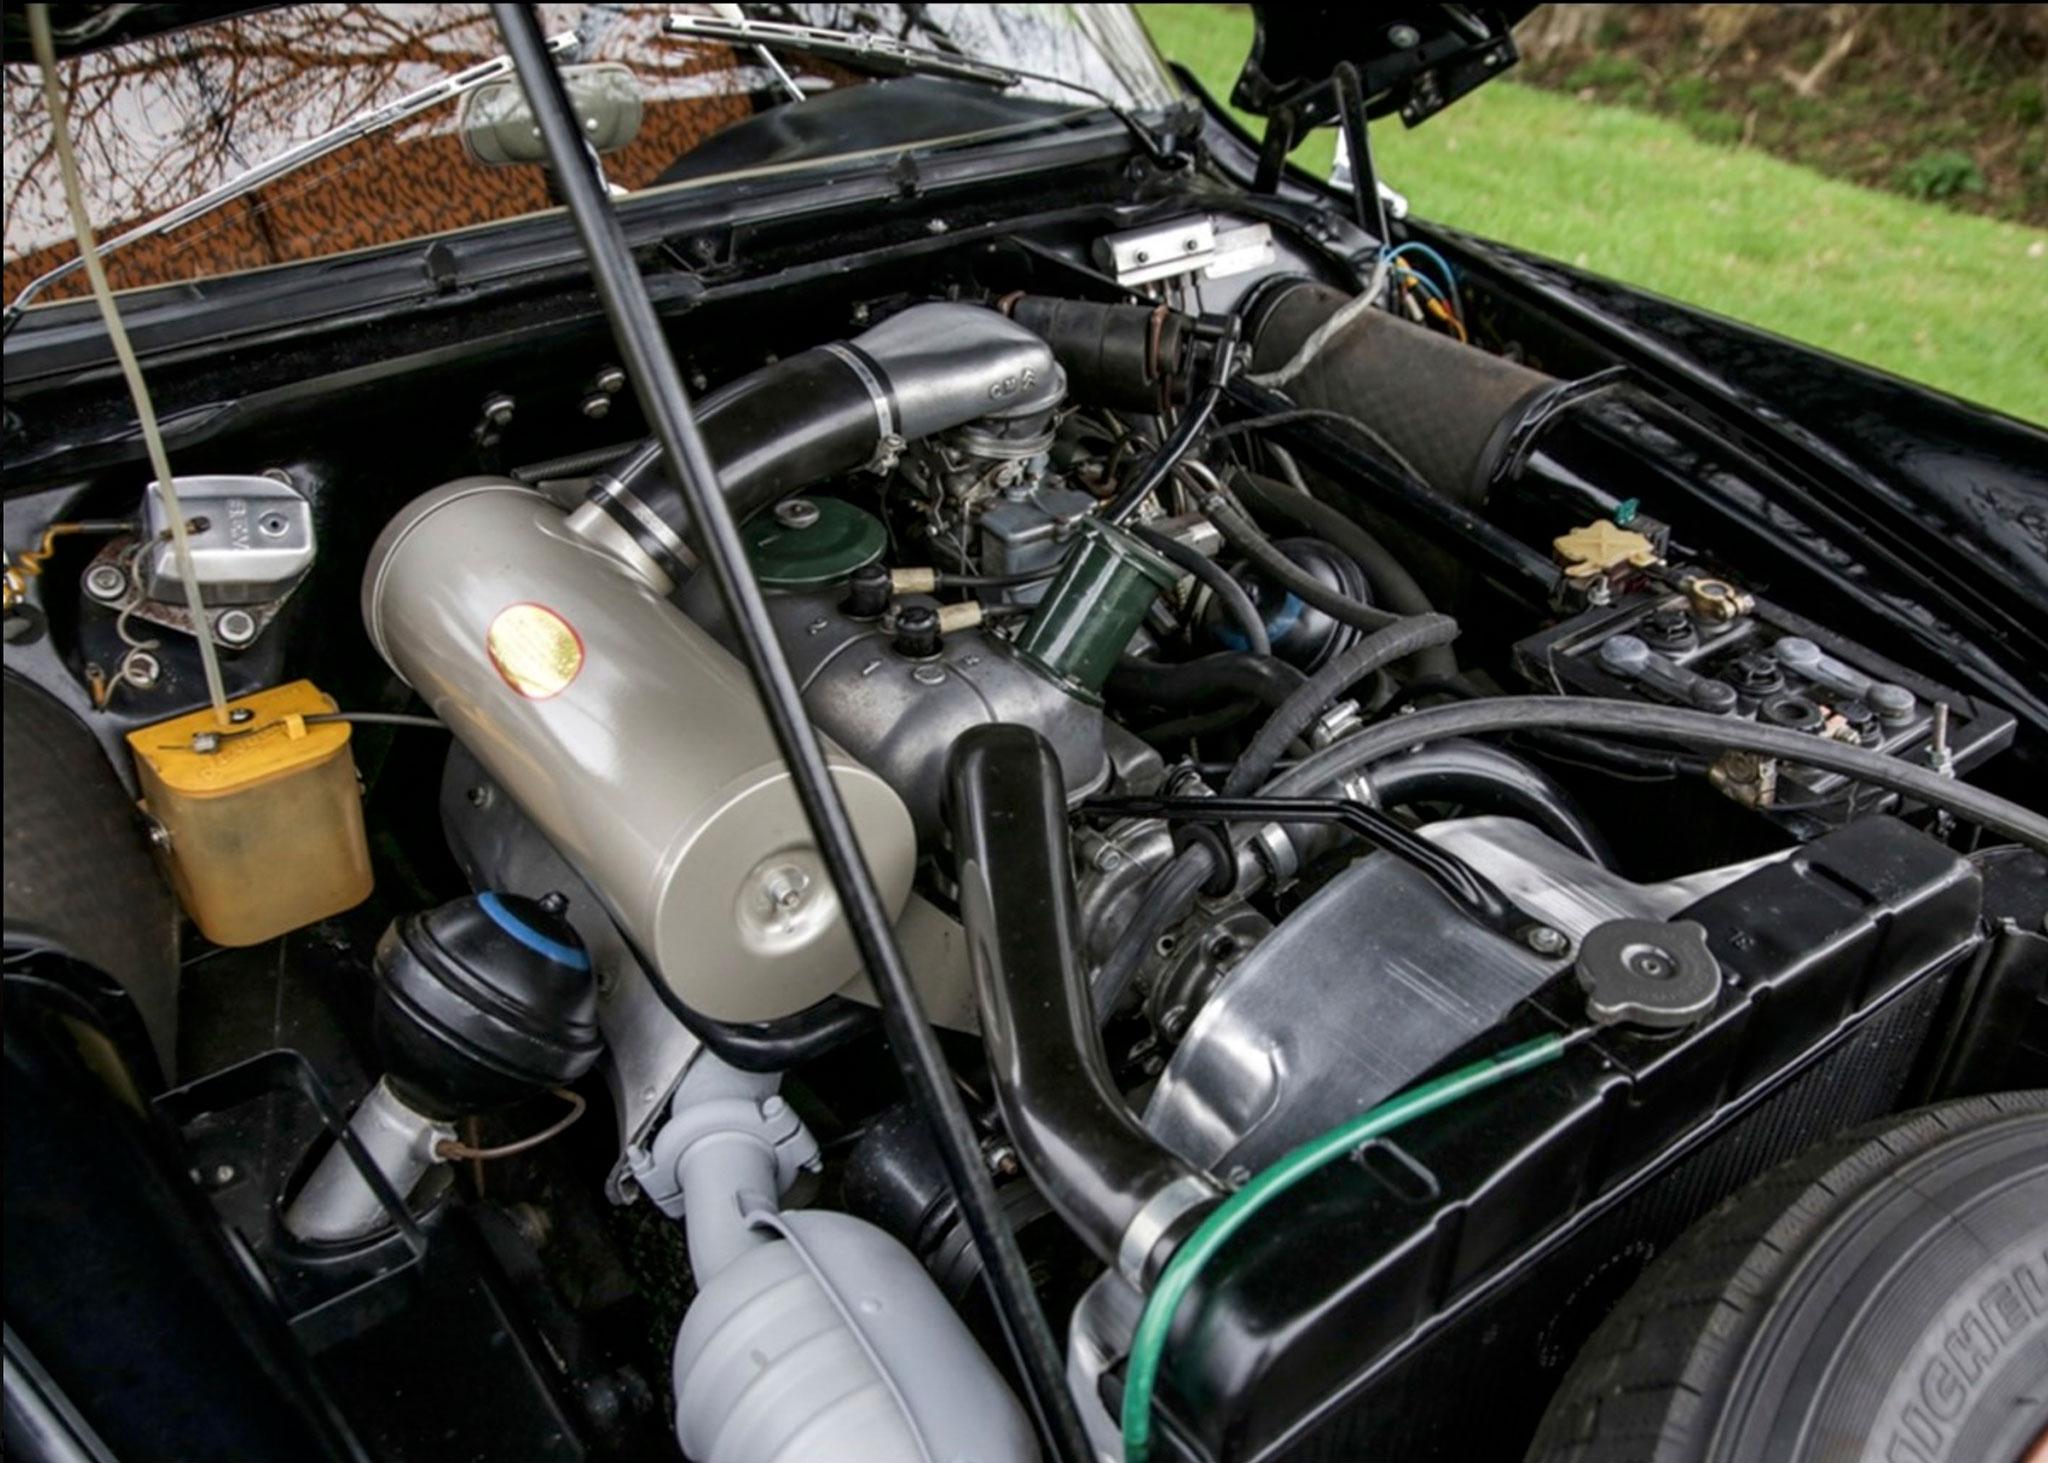 1958 Citroën DS 19 le moteur est celui de la Traction 11 D - Coups de Coeur Historics Auctioneers.